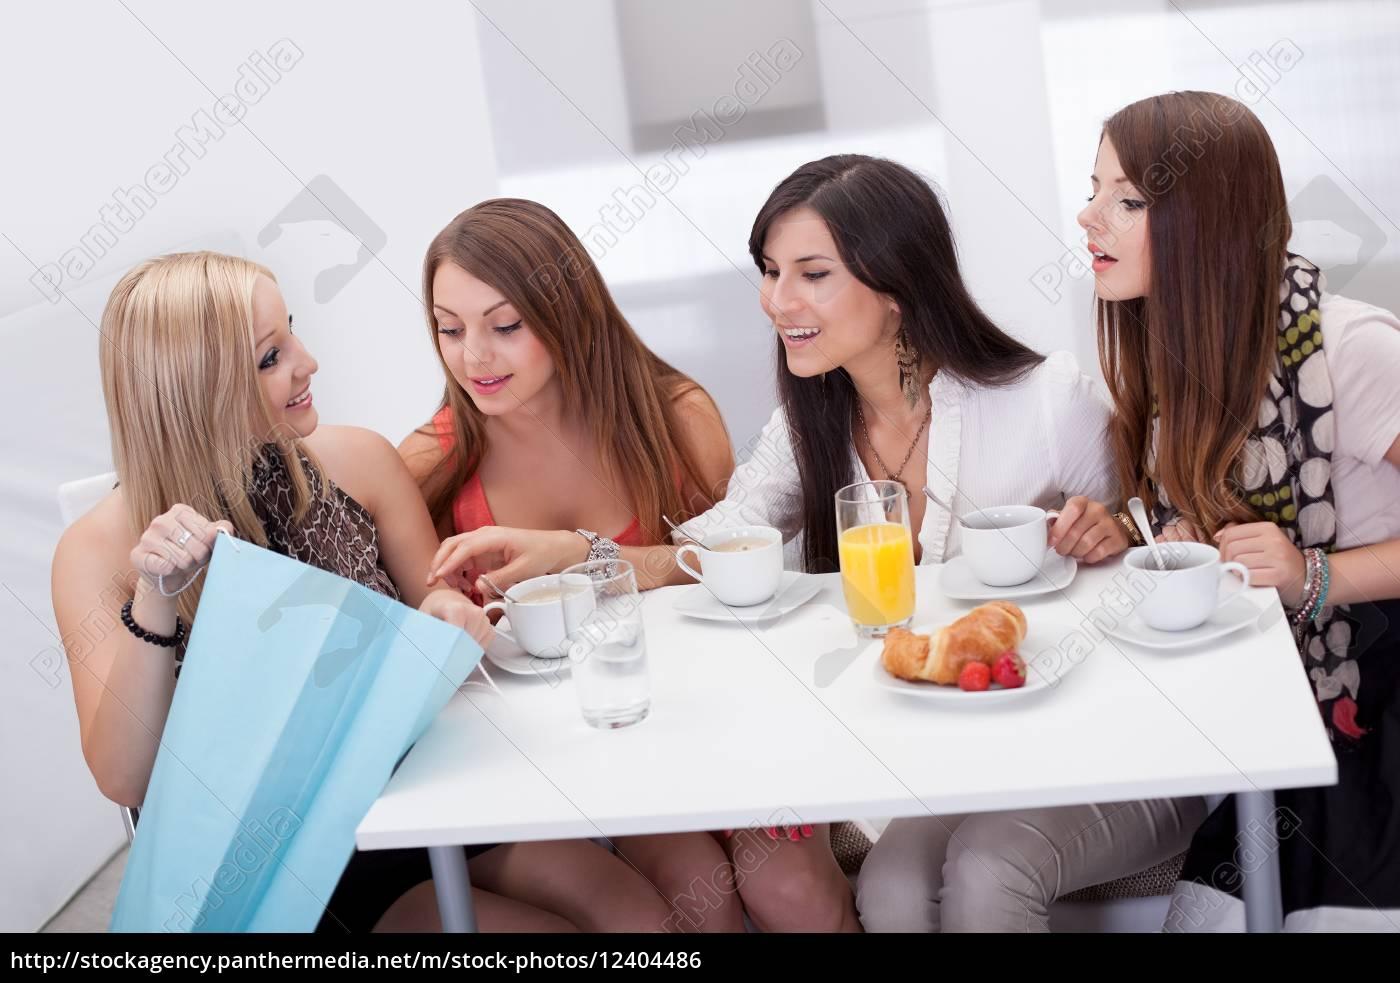 amici, delle, donne, in, cerca, ad - 12404486